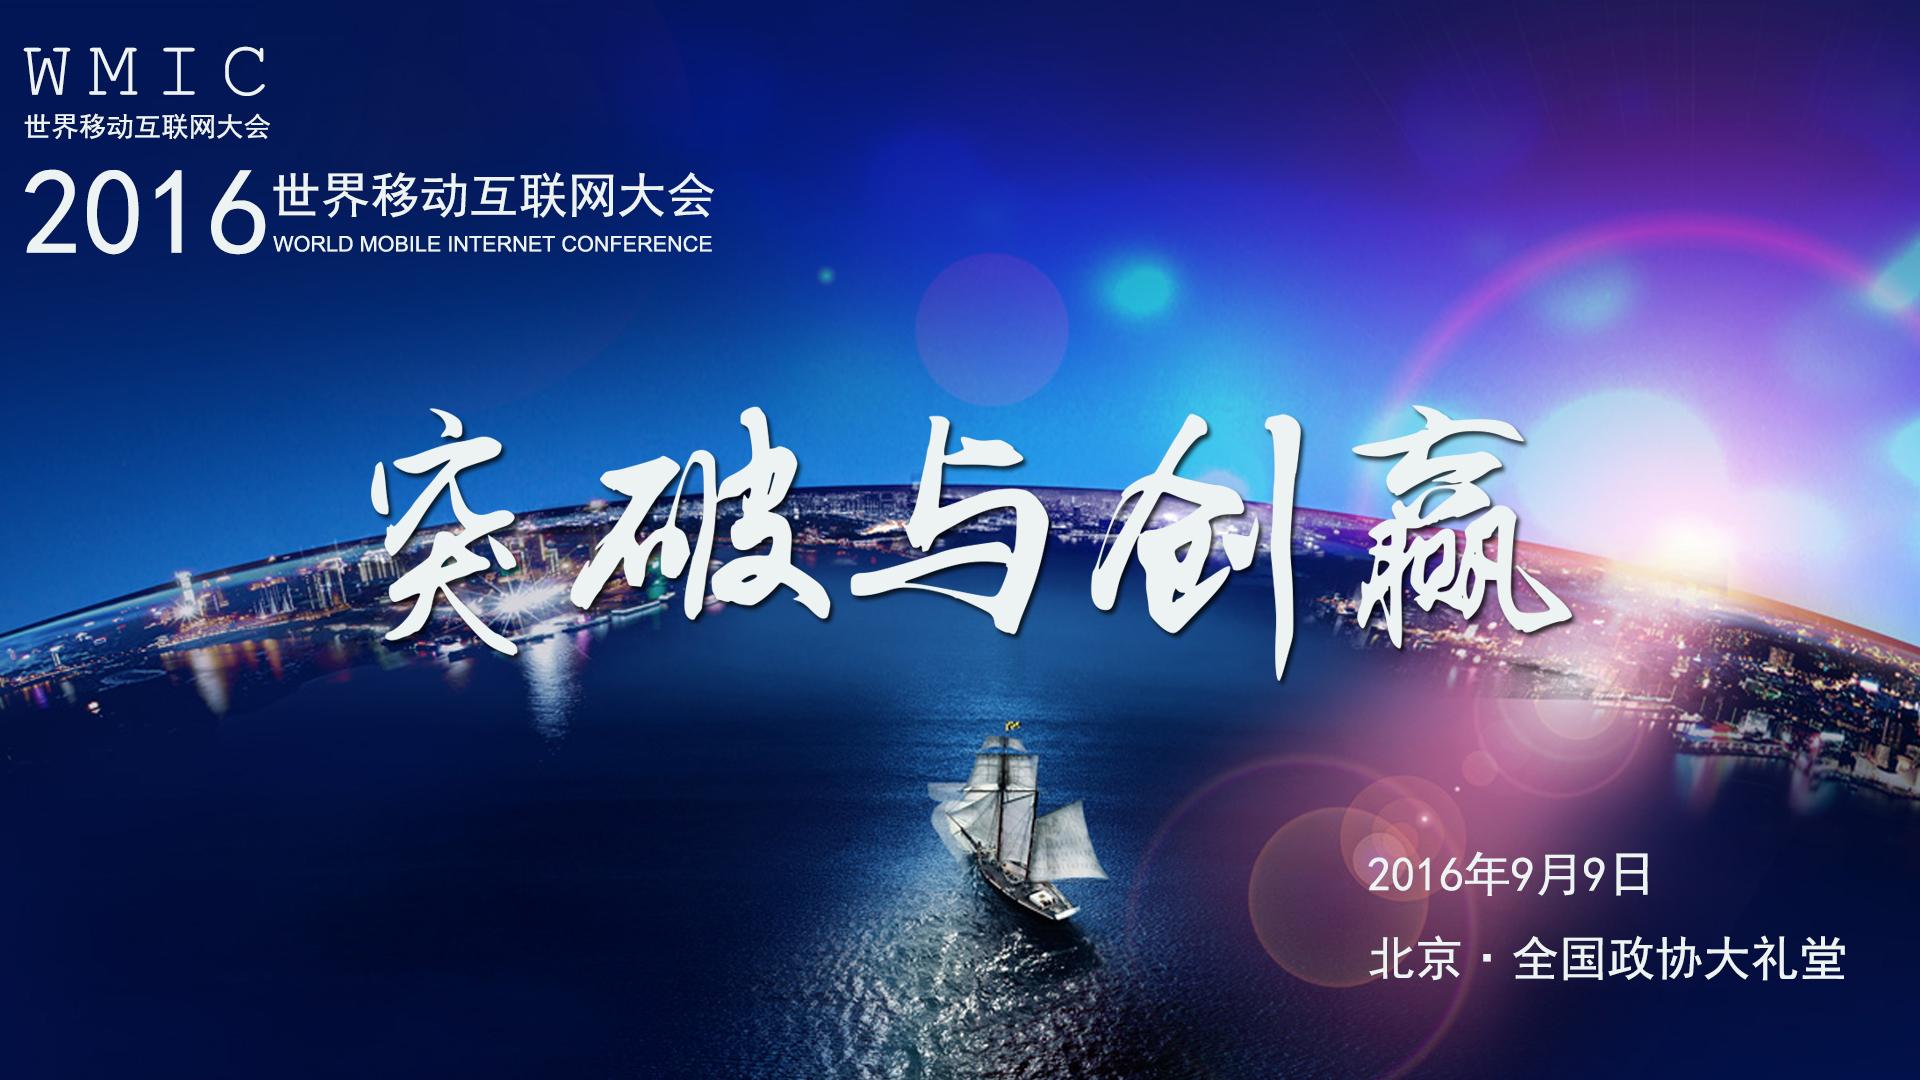 WMIC——世界移动互联网盛会9月9日登陆北京全国政协礼堂